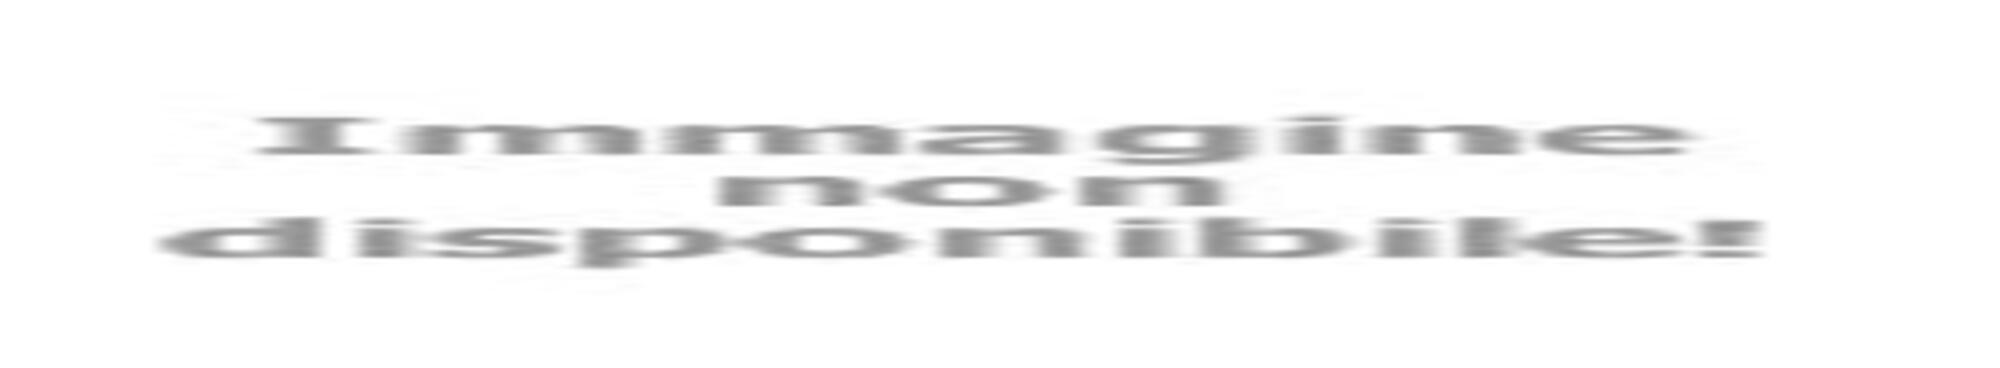 Offre pour des vacances en famille au cours de la derni�re semaine de Juillet en h�tel � Rimini